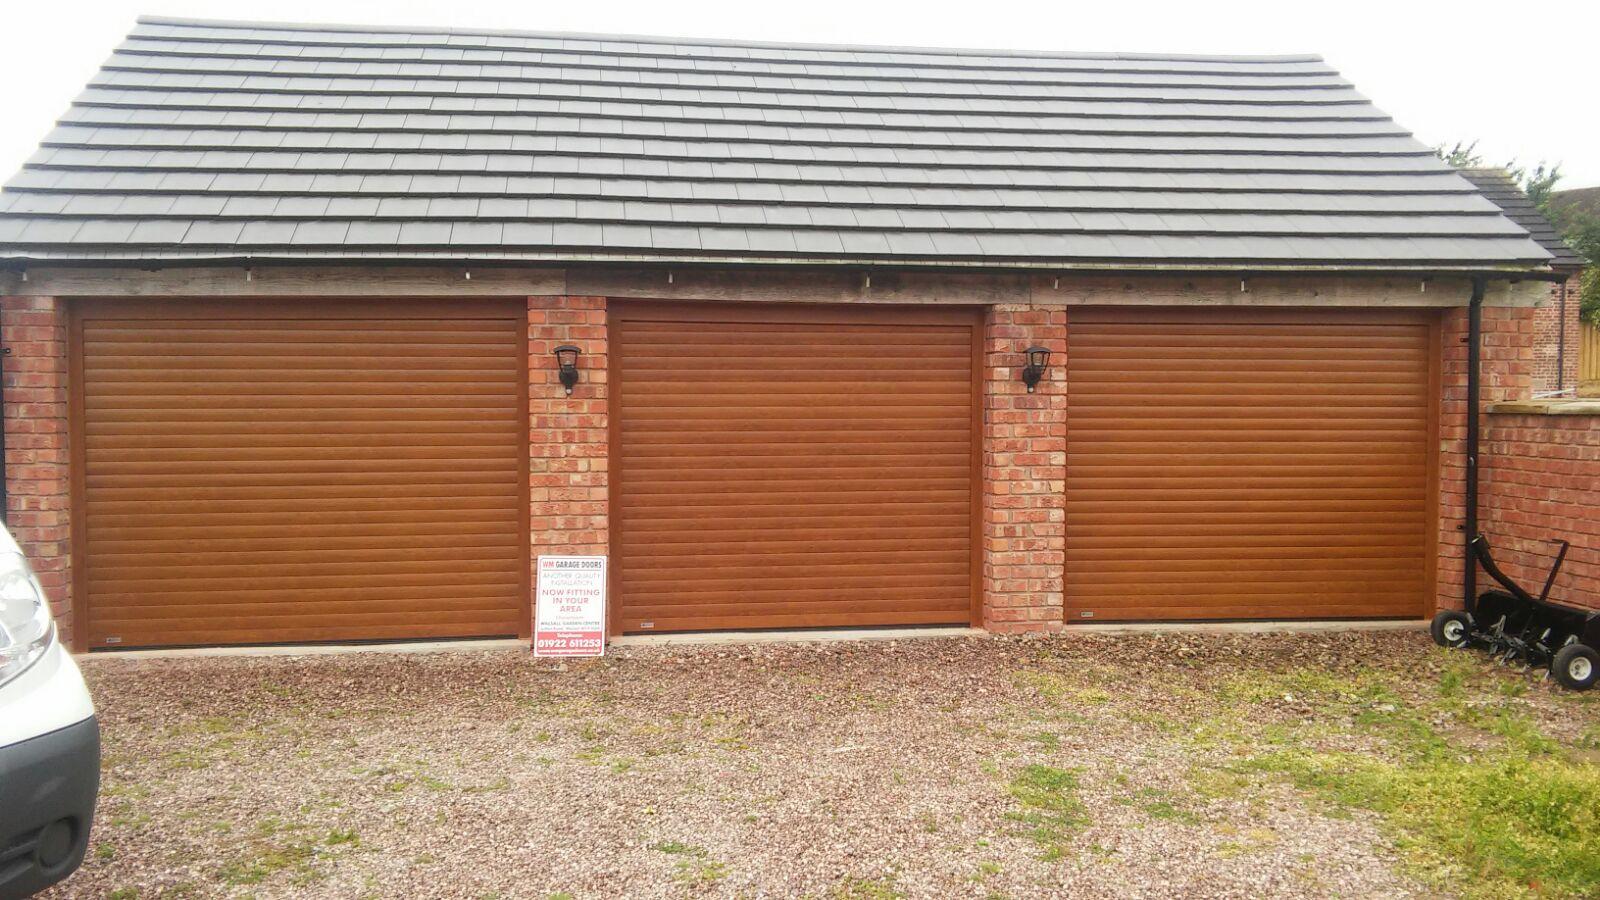 triple, wooden roller garage doors